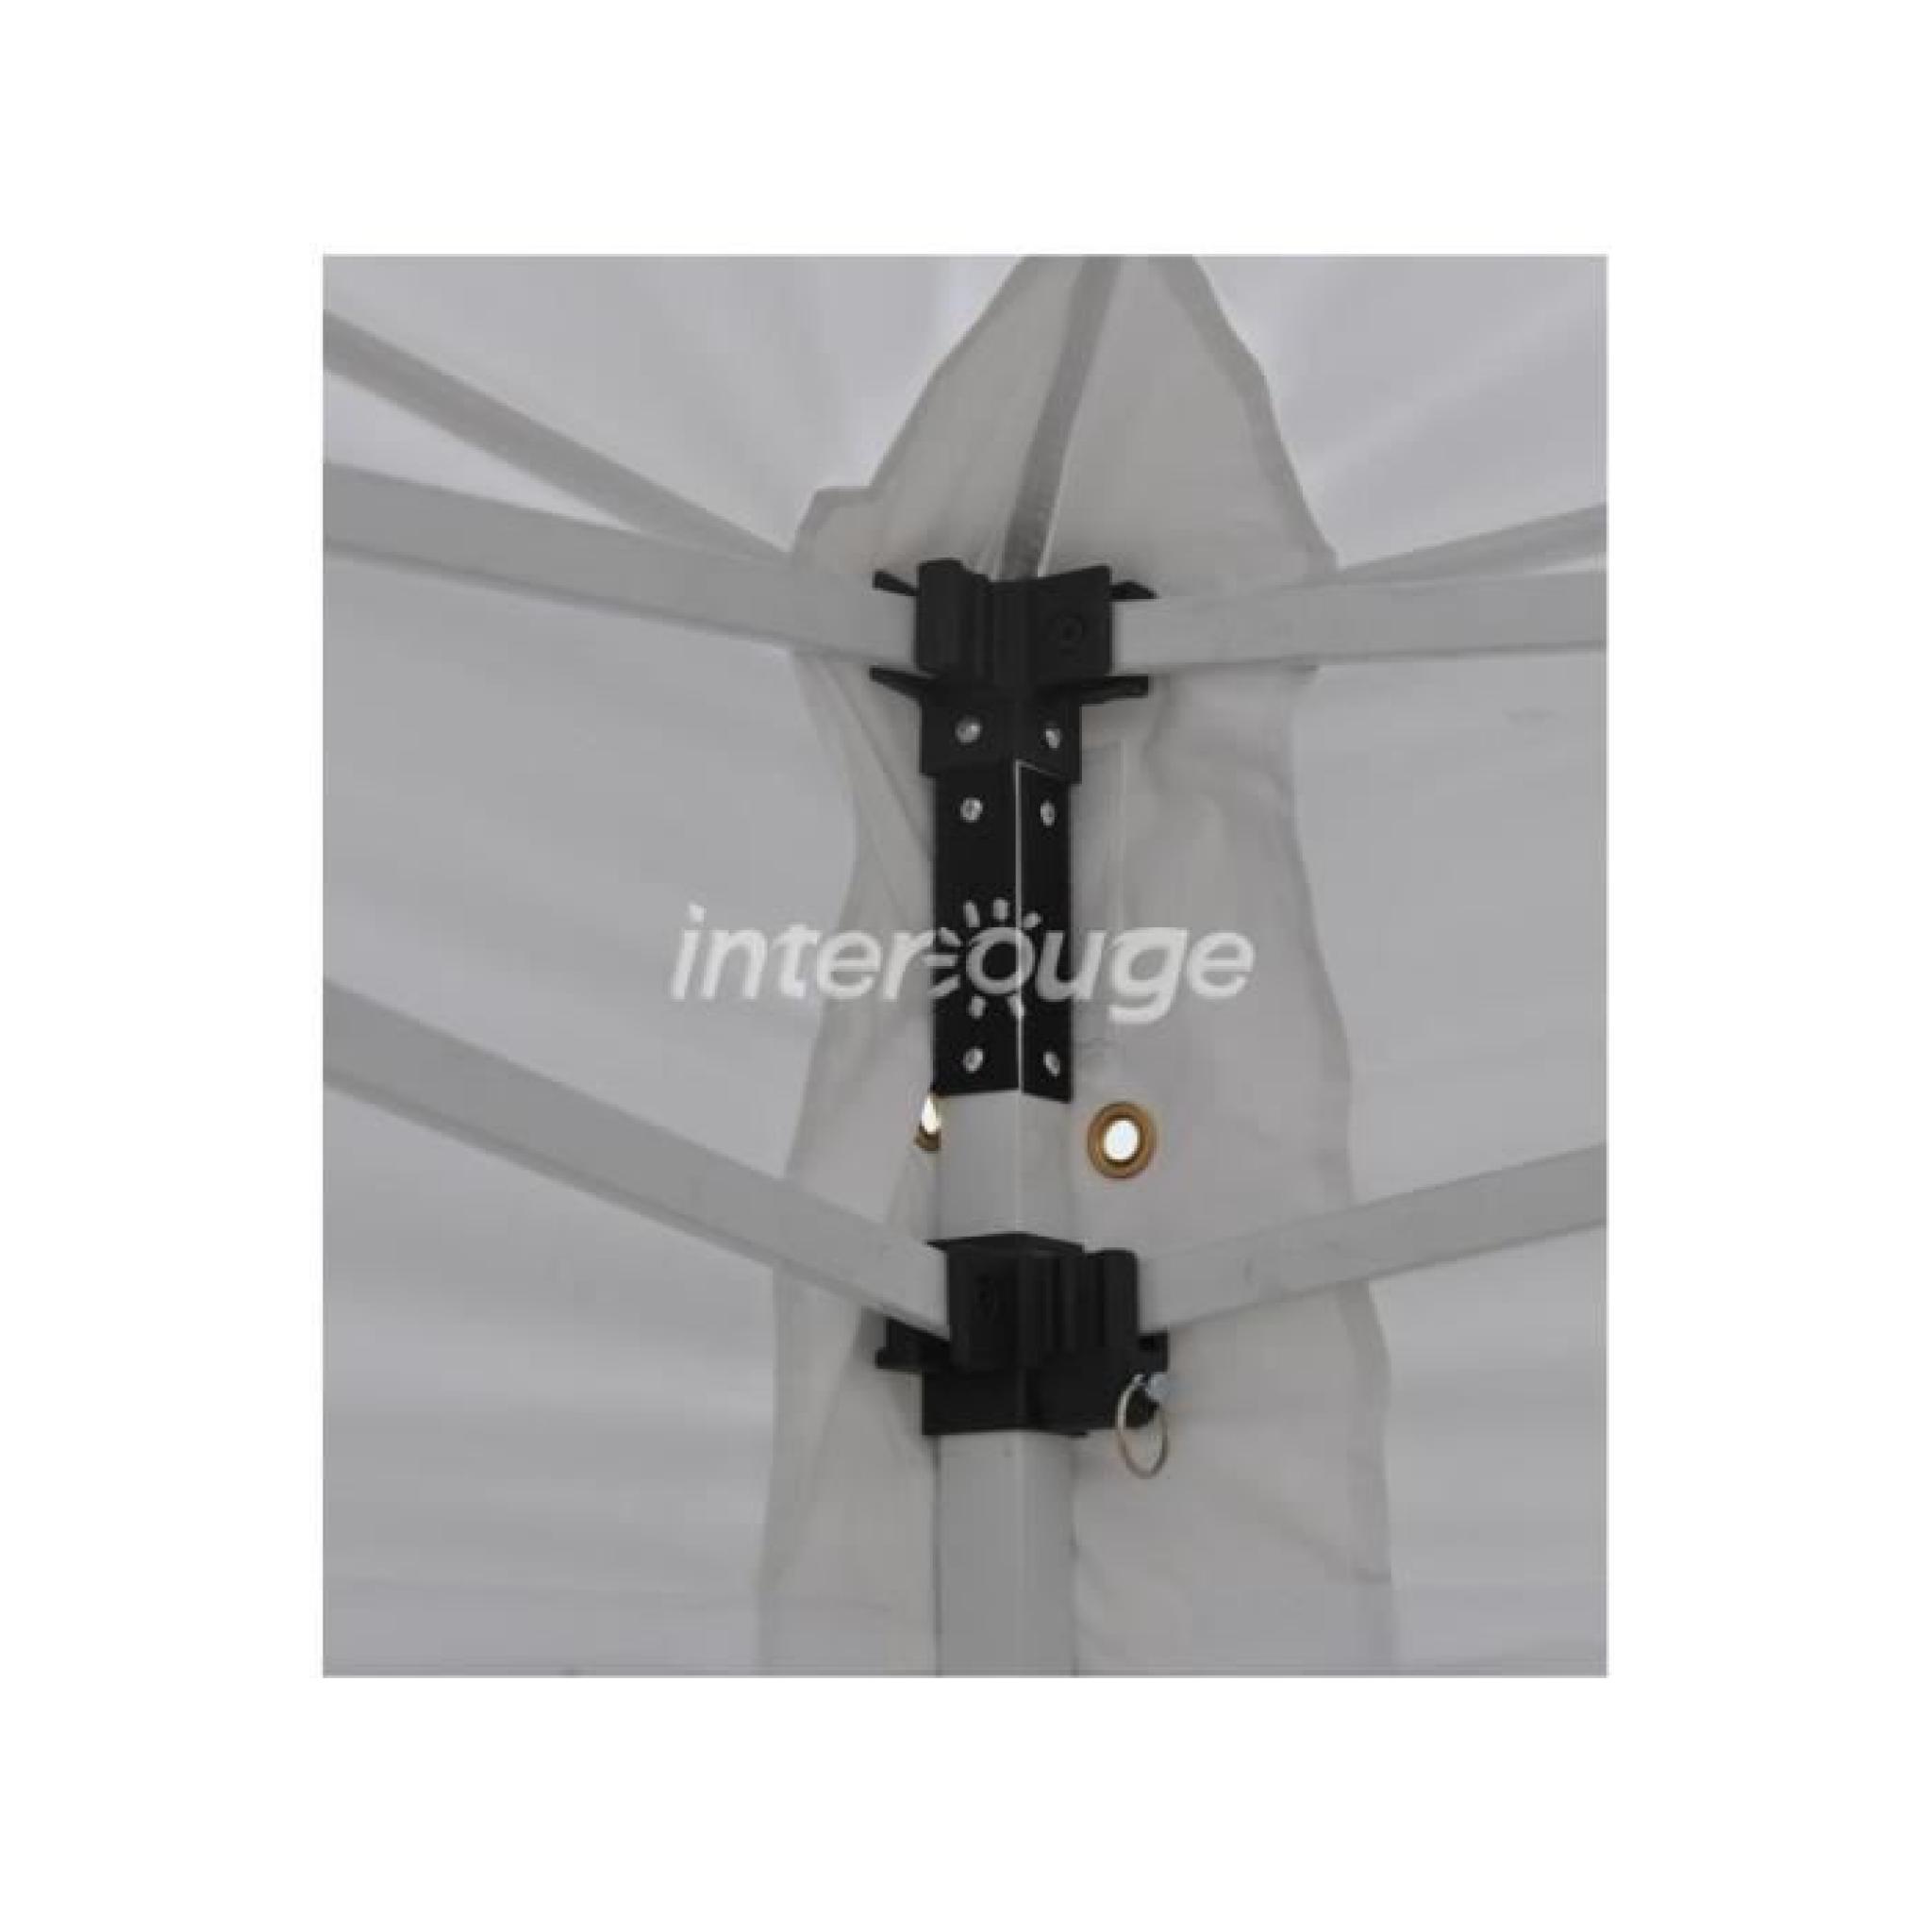 interouge barnum chapiteau tonnelle tente pliante m dium acier 32mm 3x4 5m totalement. Black Bedroom Furniture Sets. Home Design Ideas